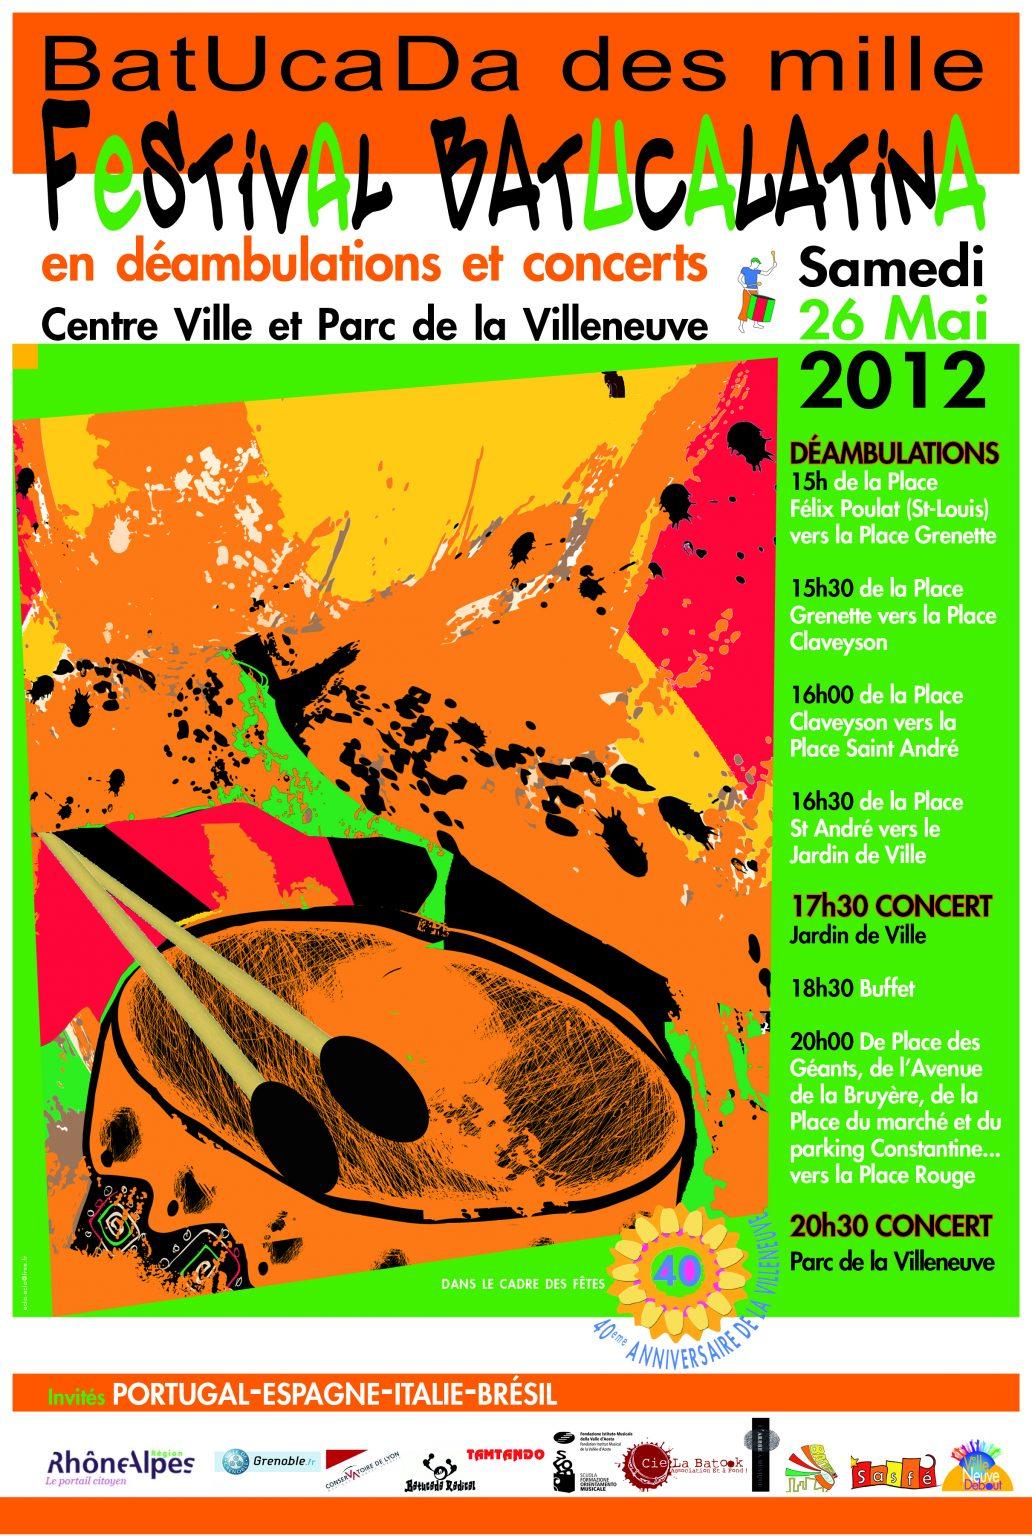 2012-05-26 Affiche BatucaLatina